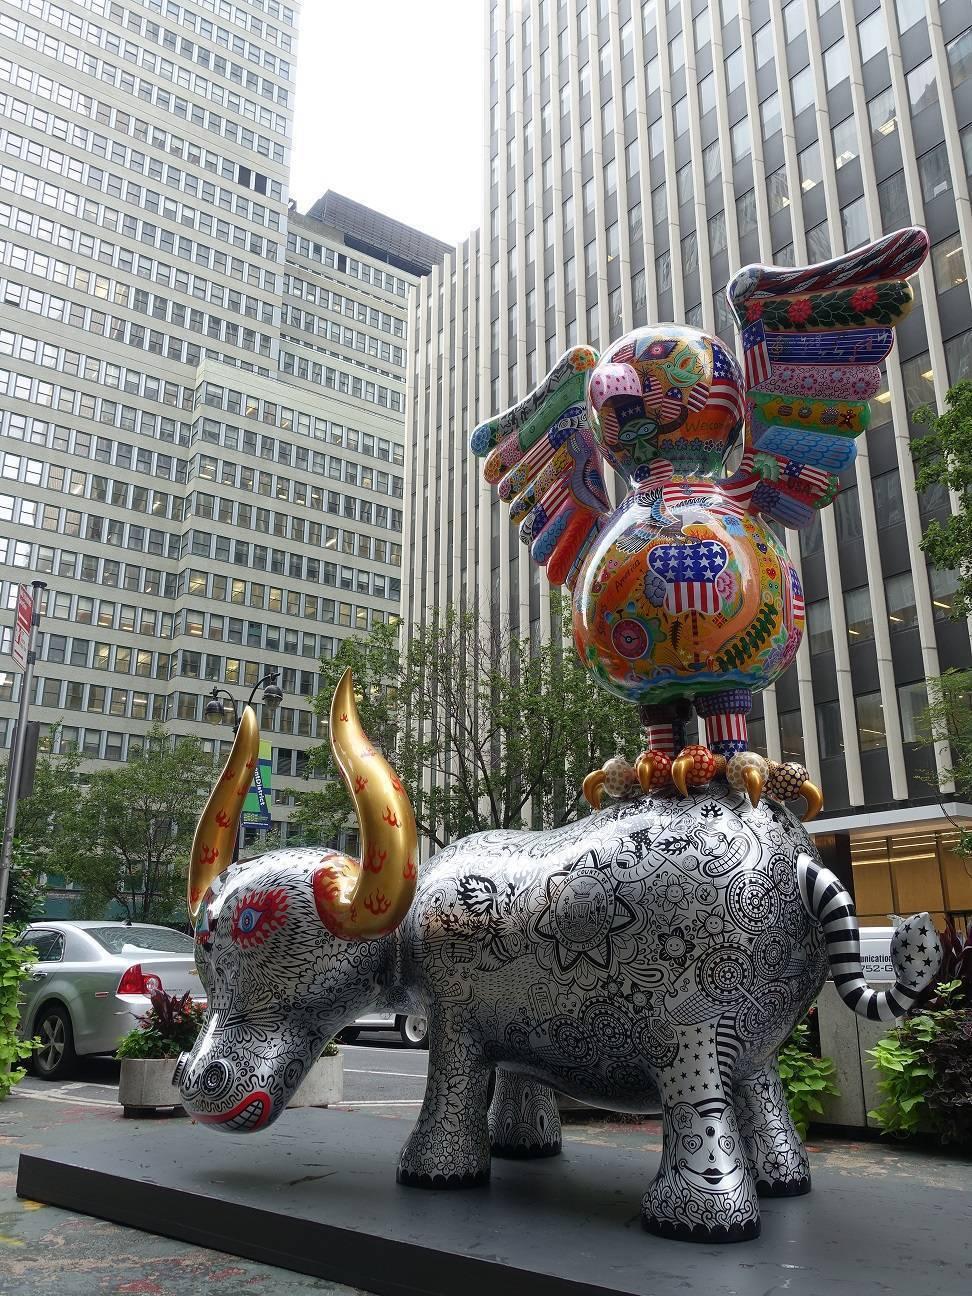 「鷹鴿水水牛」裝置在最靠近時代廣場與紐約高樓相互輝映,如自由美國的象徵。